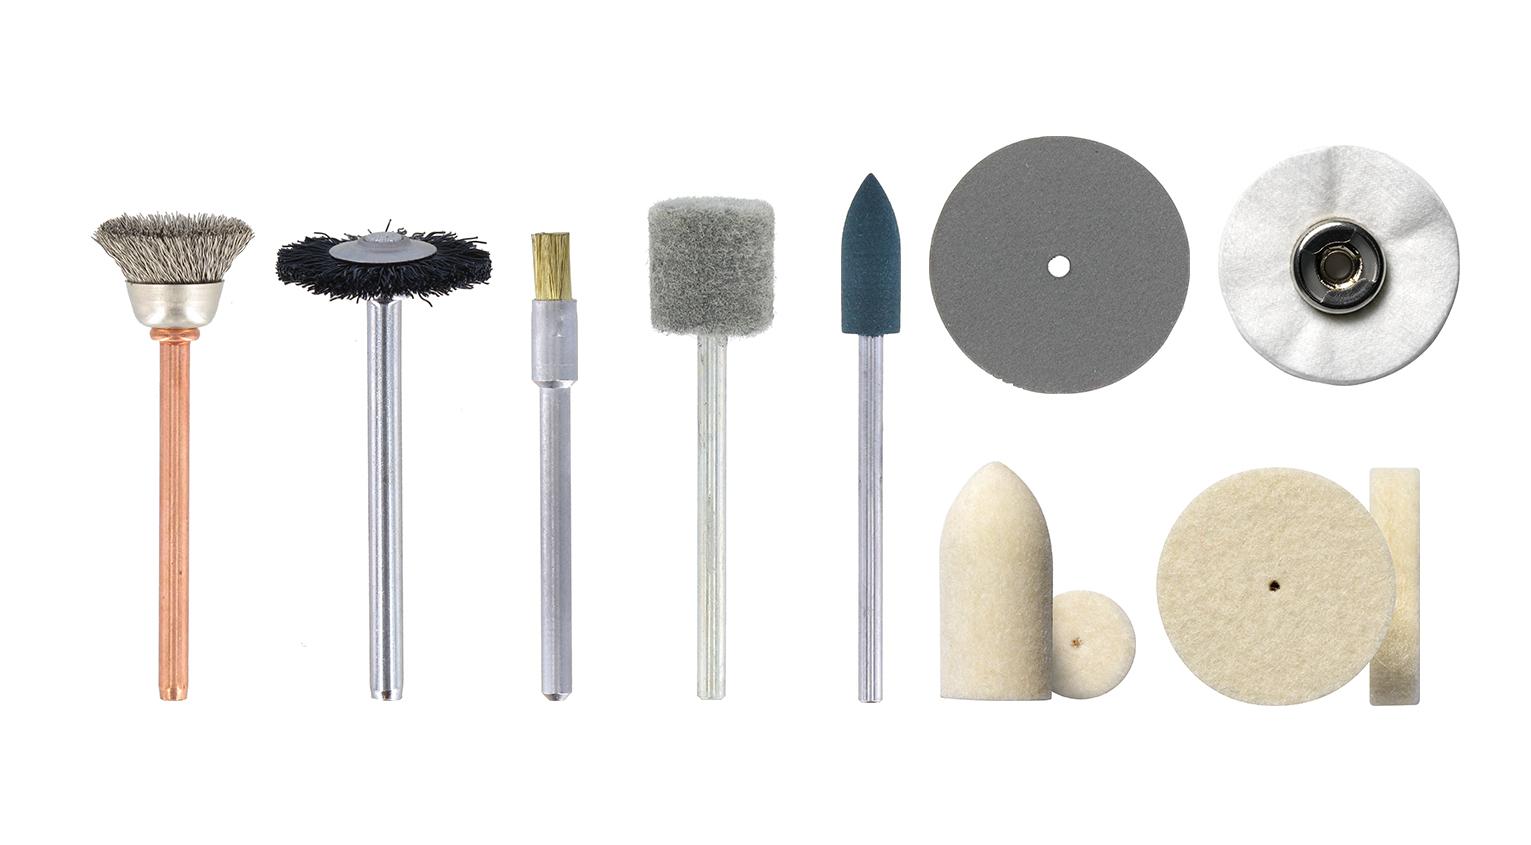 Ons vergelijkende informatieblad help je bij het vinden van de juiste reinigings- en polijstaccessoires.